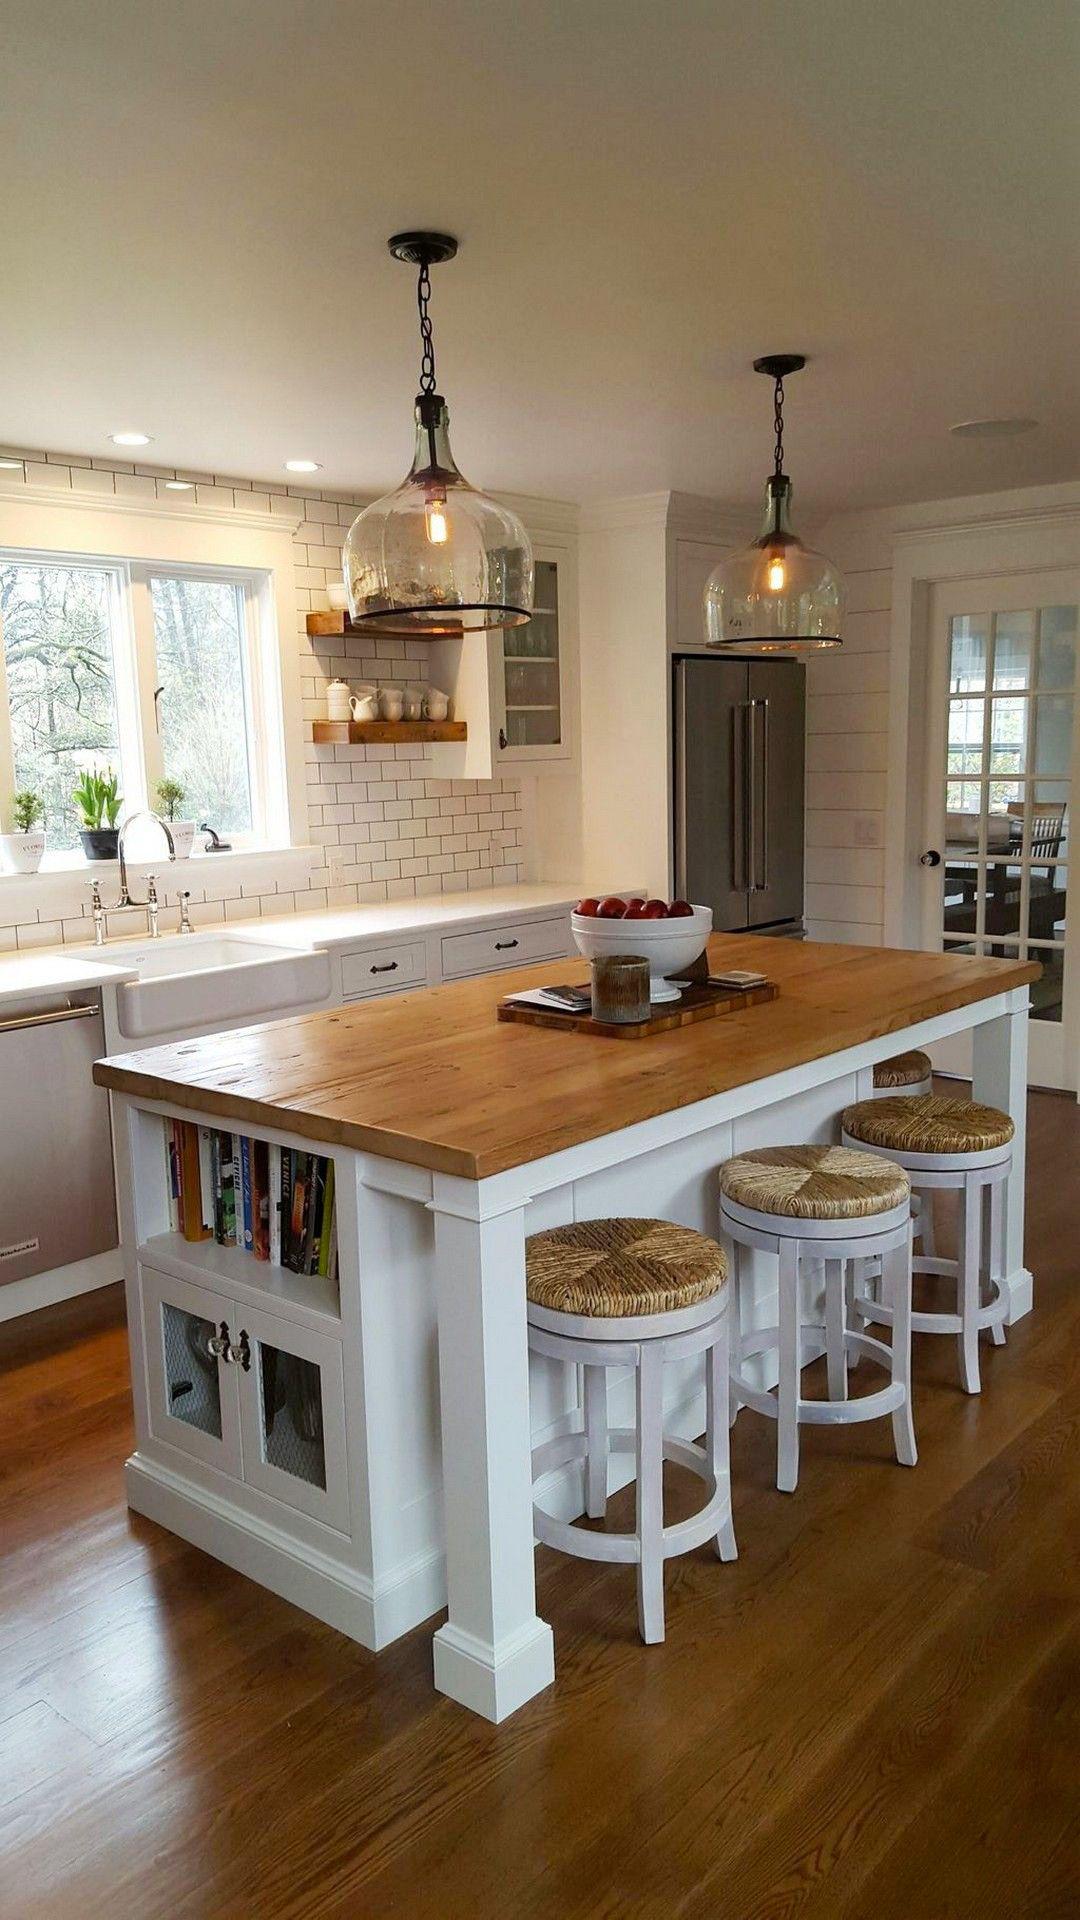 55 Best Kitchen Island Ideas By Rexgarden Farmhouse Kitchen Island Kitchen Island With Seating Modern Kitchen Design